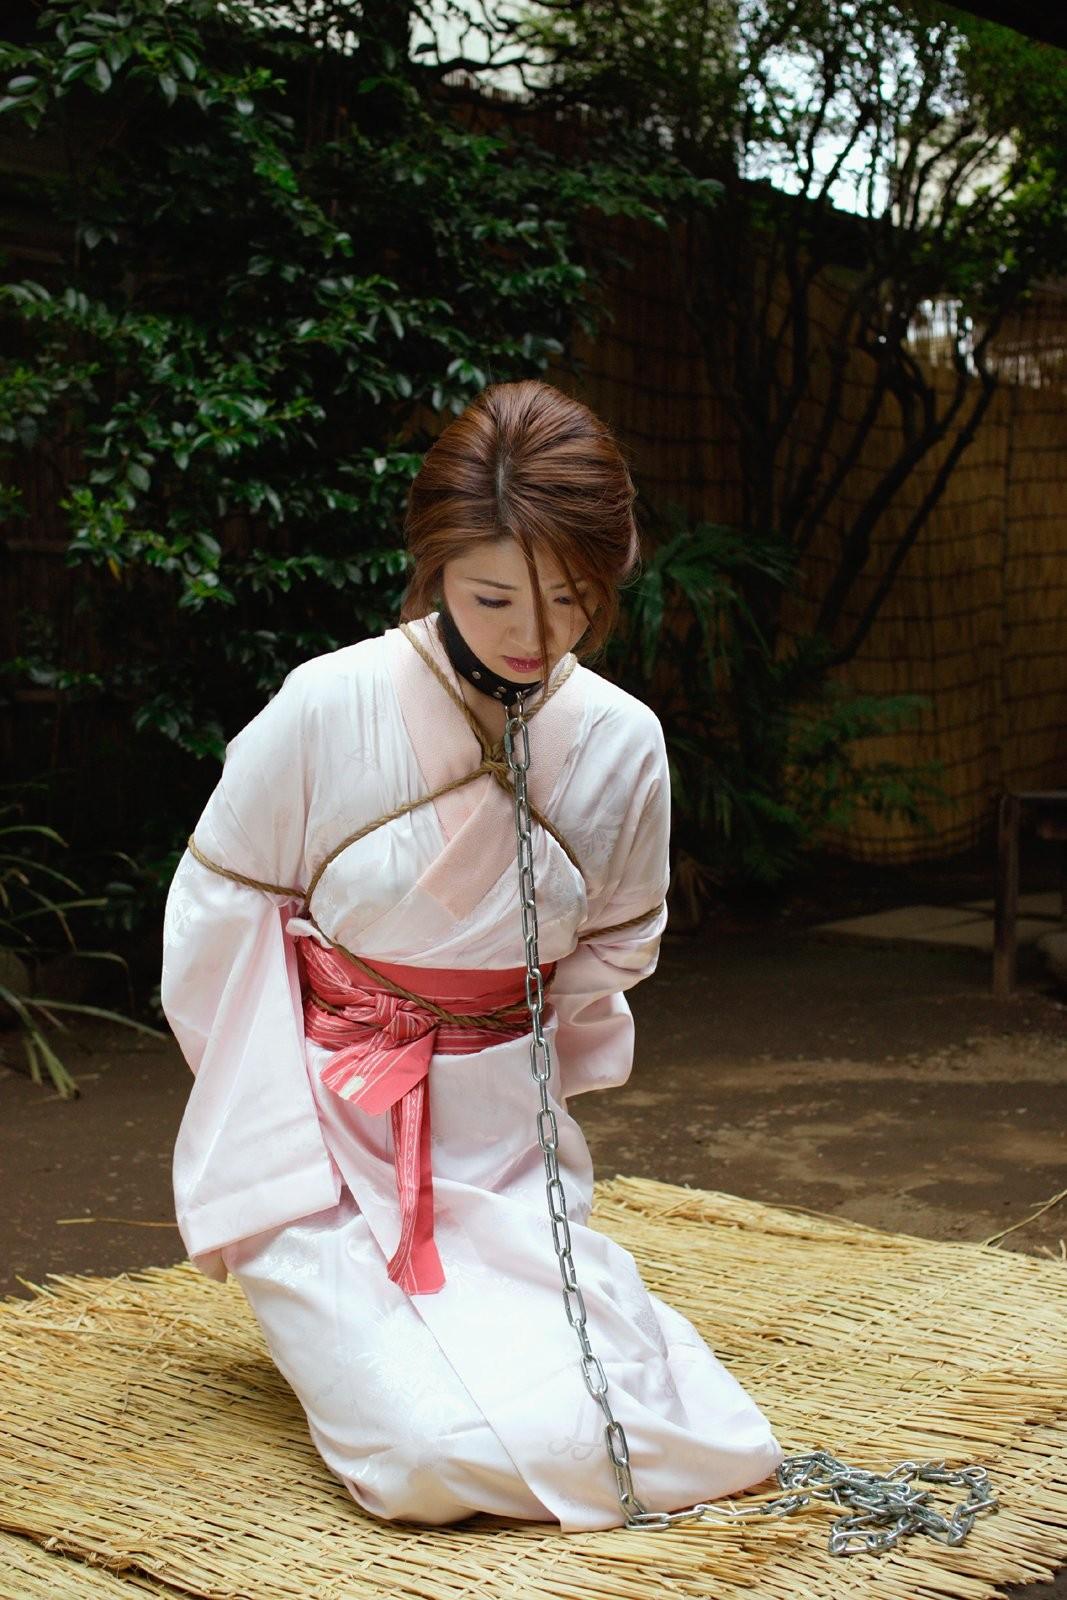 【調教エロ画像】かけられた時点で服従w首輪に繋がれ躾けられた真性M女(;´Д`)